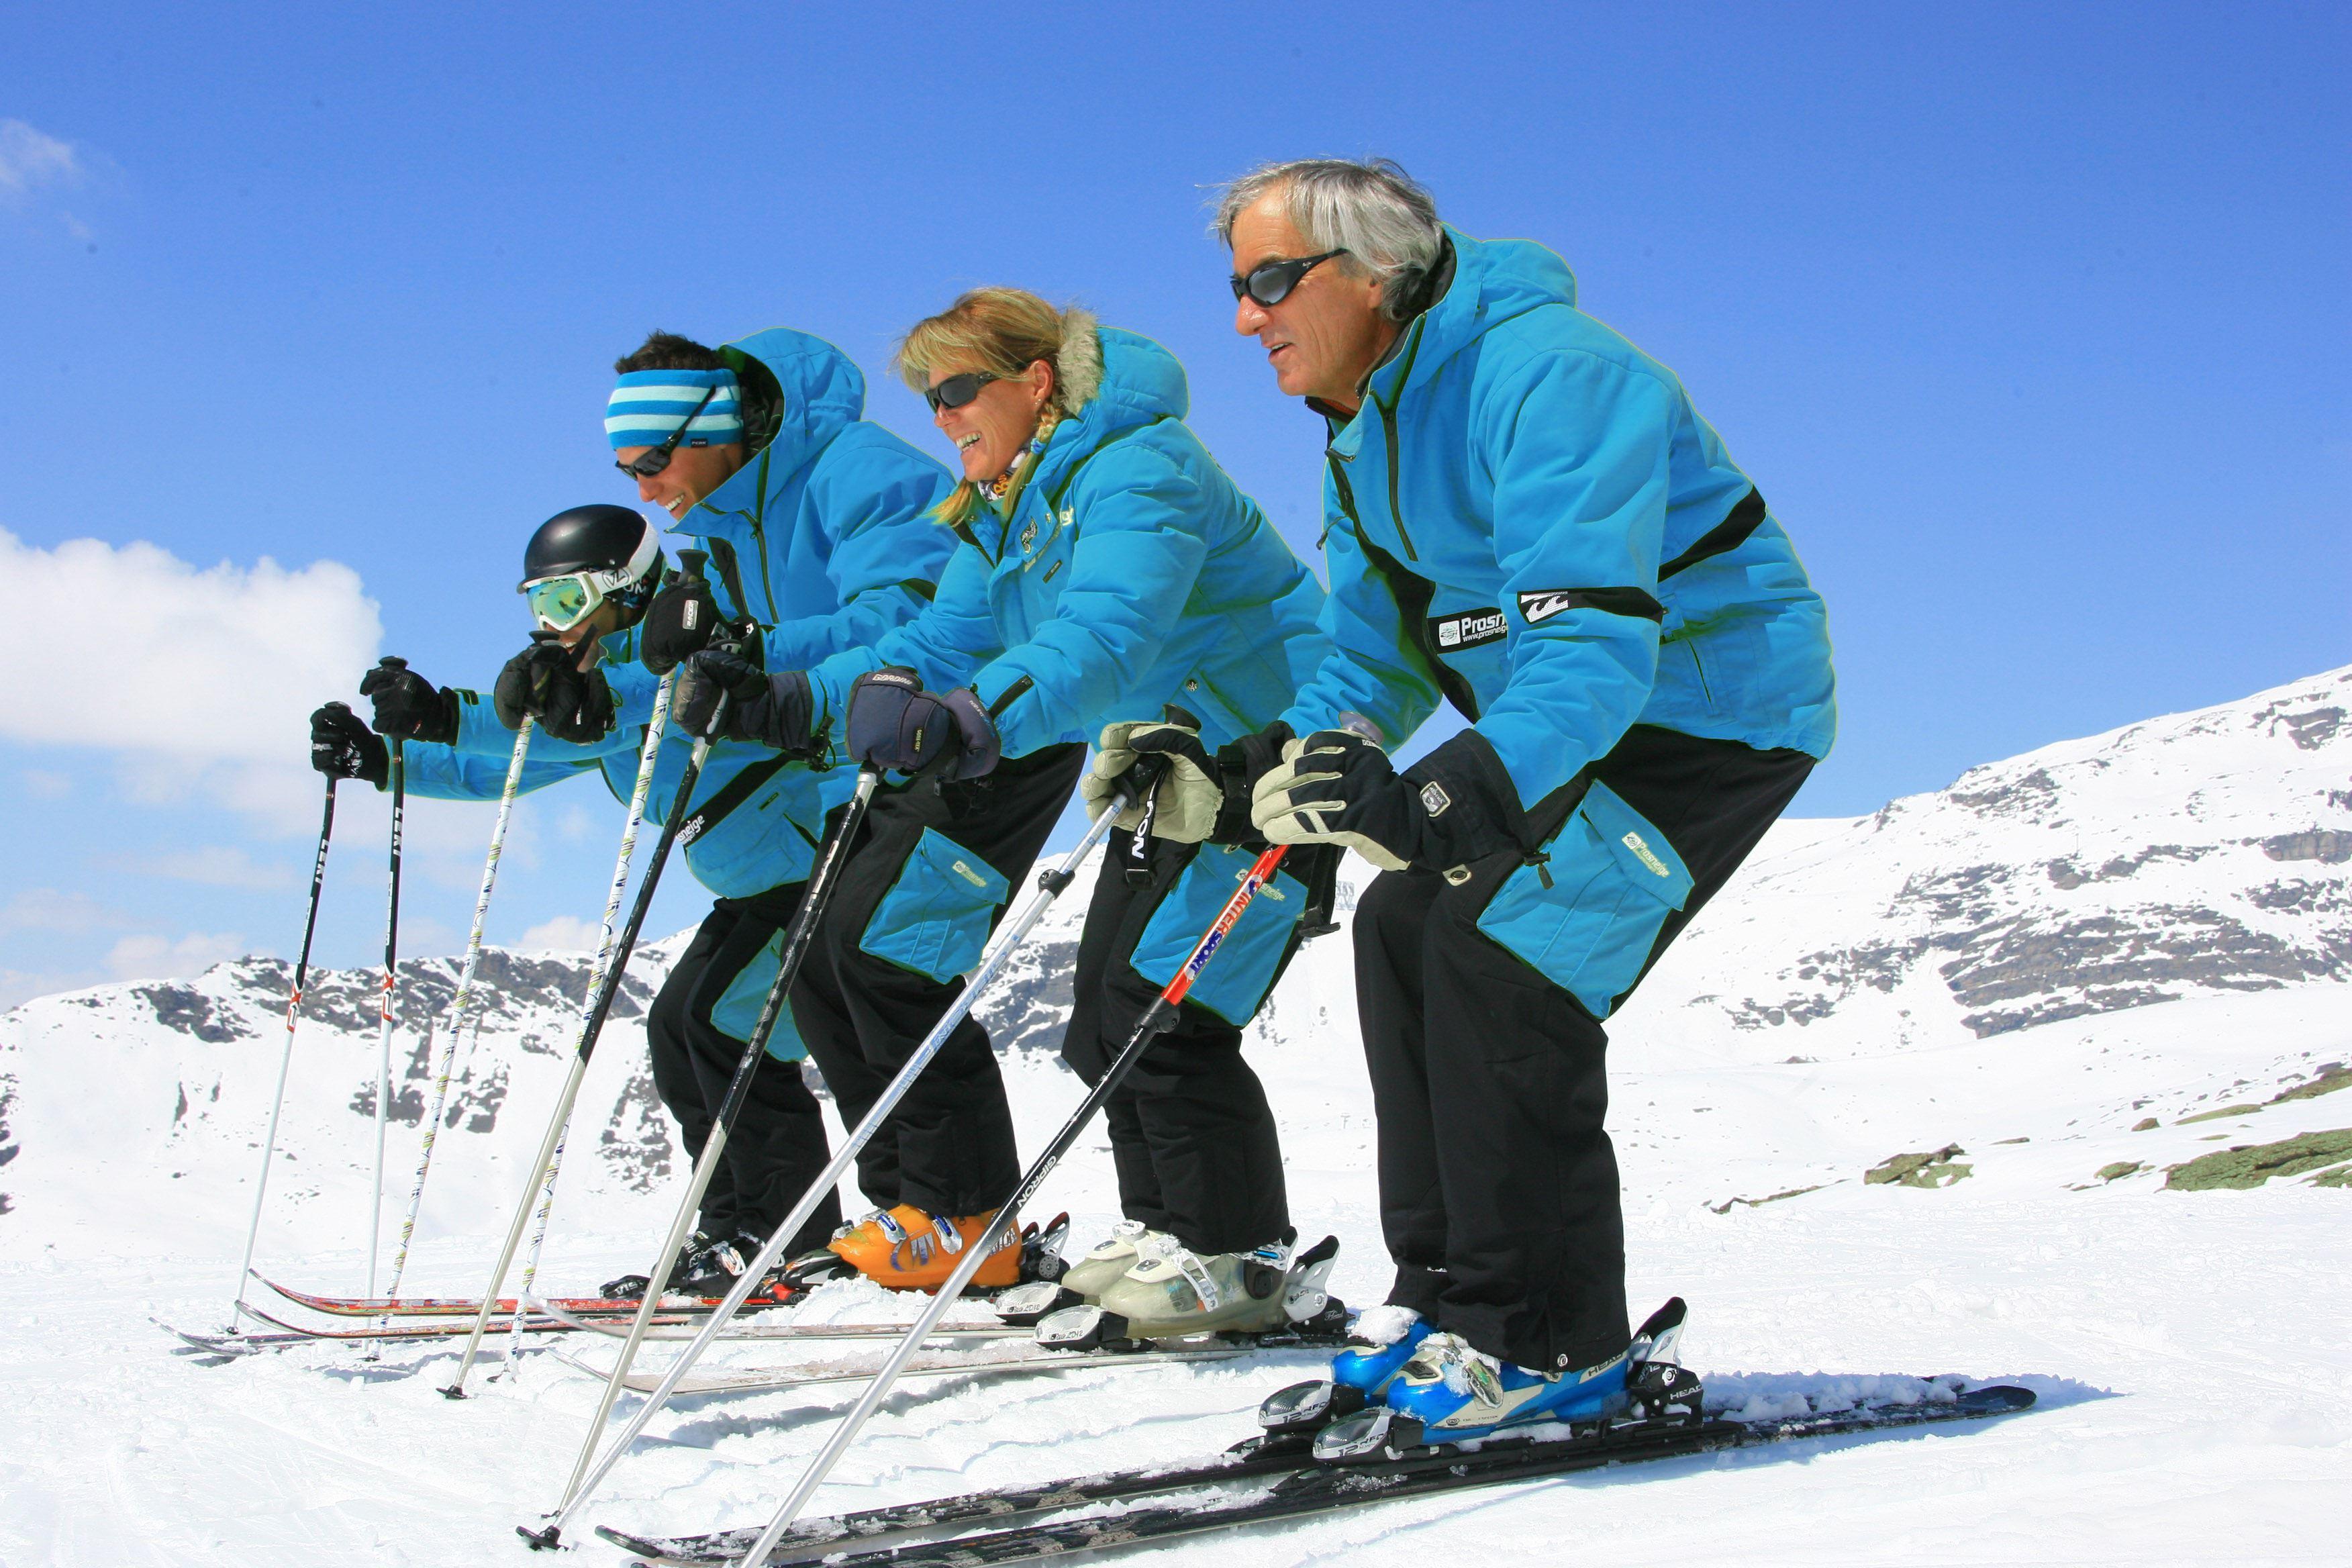 ECOLE PROSNEIGE SKI & SNOWBOARD - Les cours de ski collectifs journée